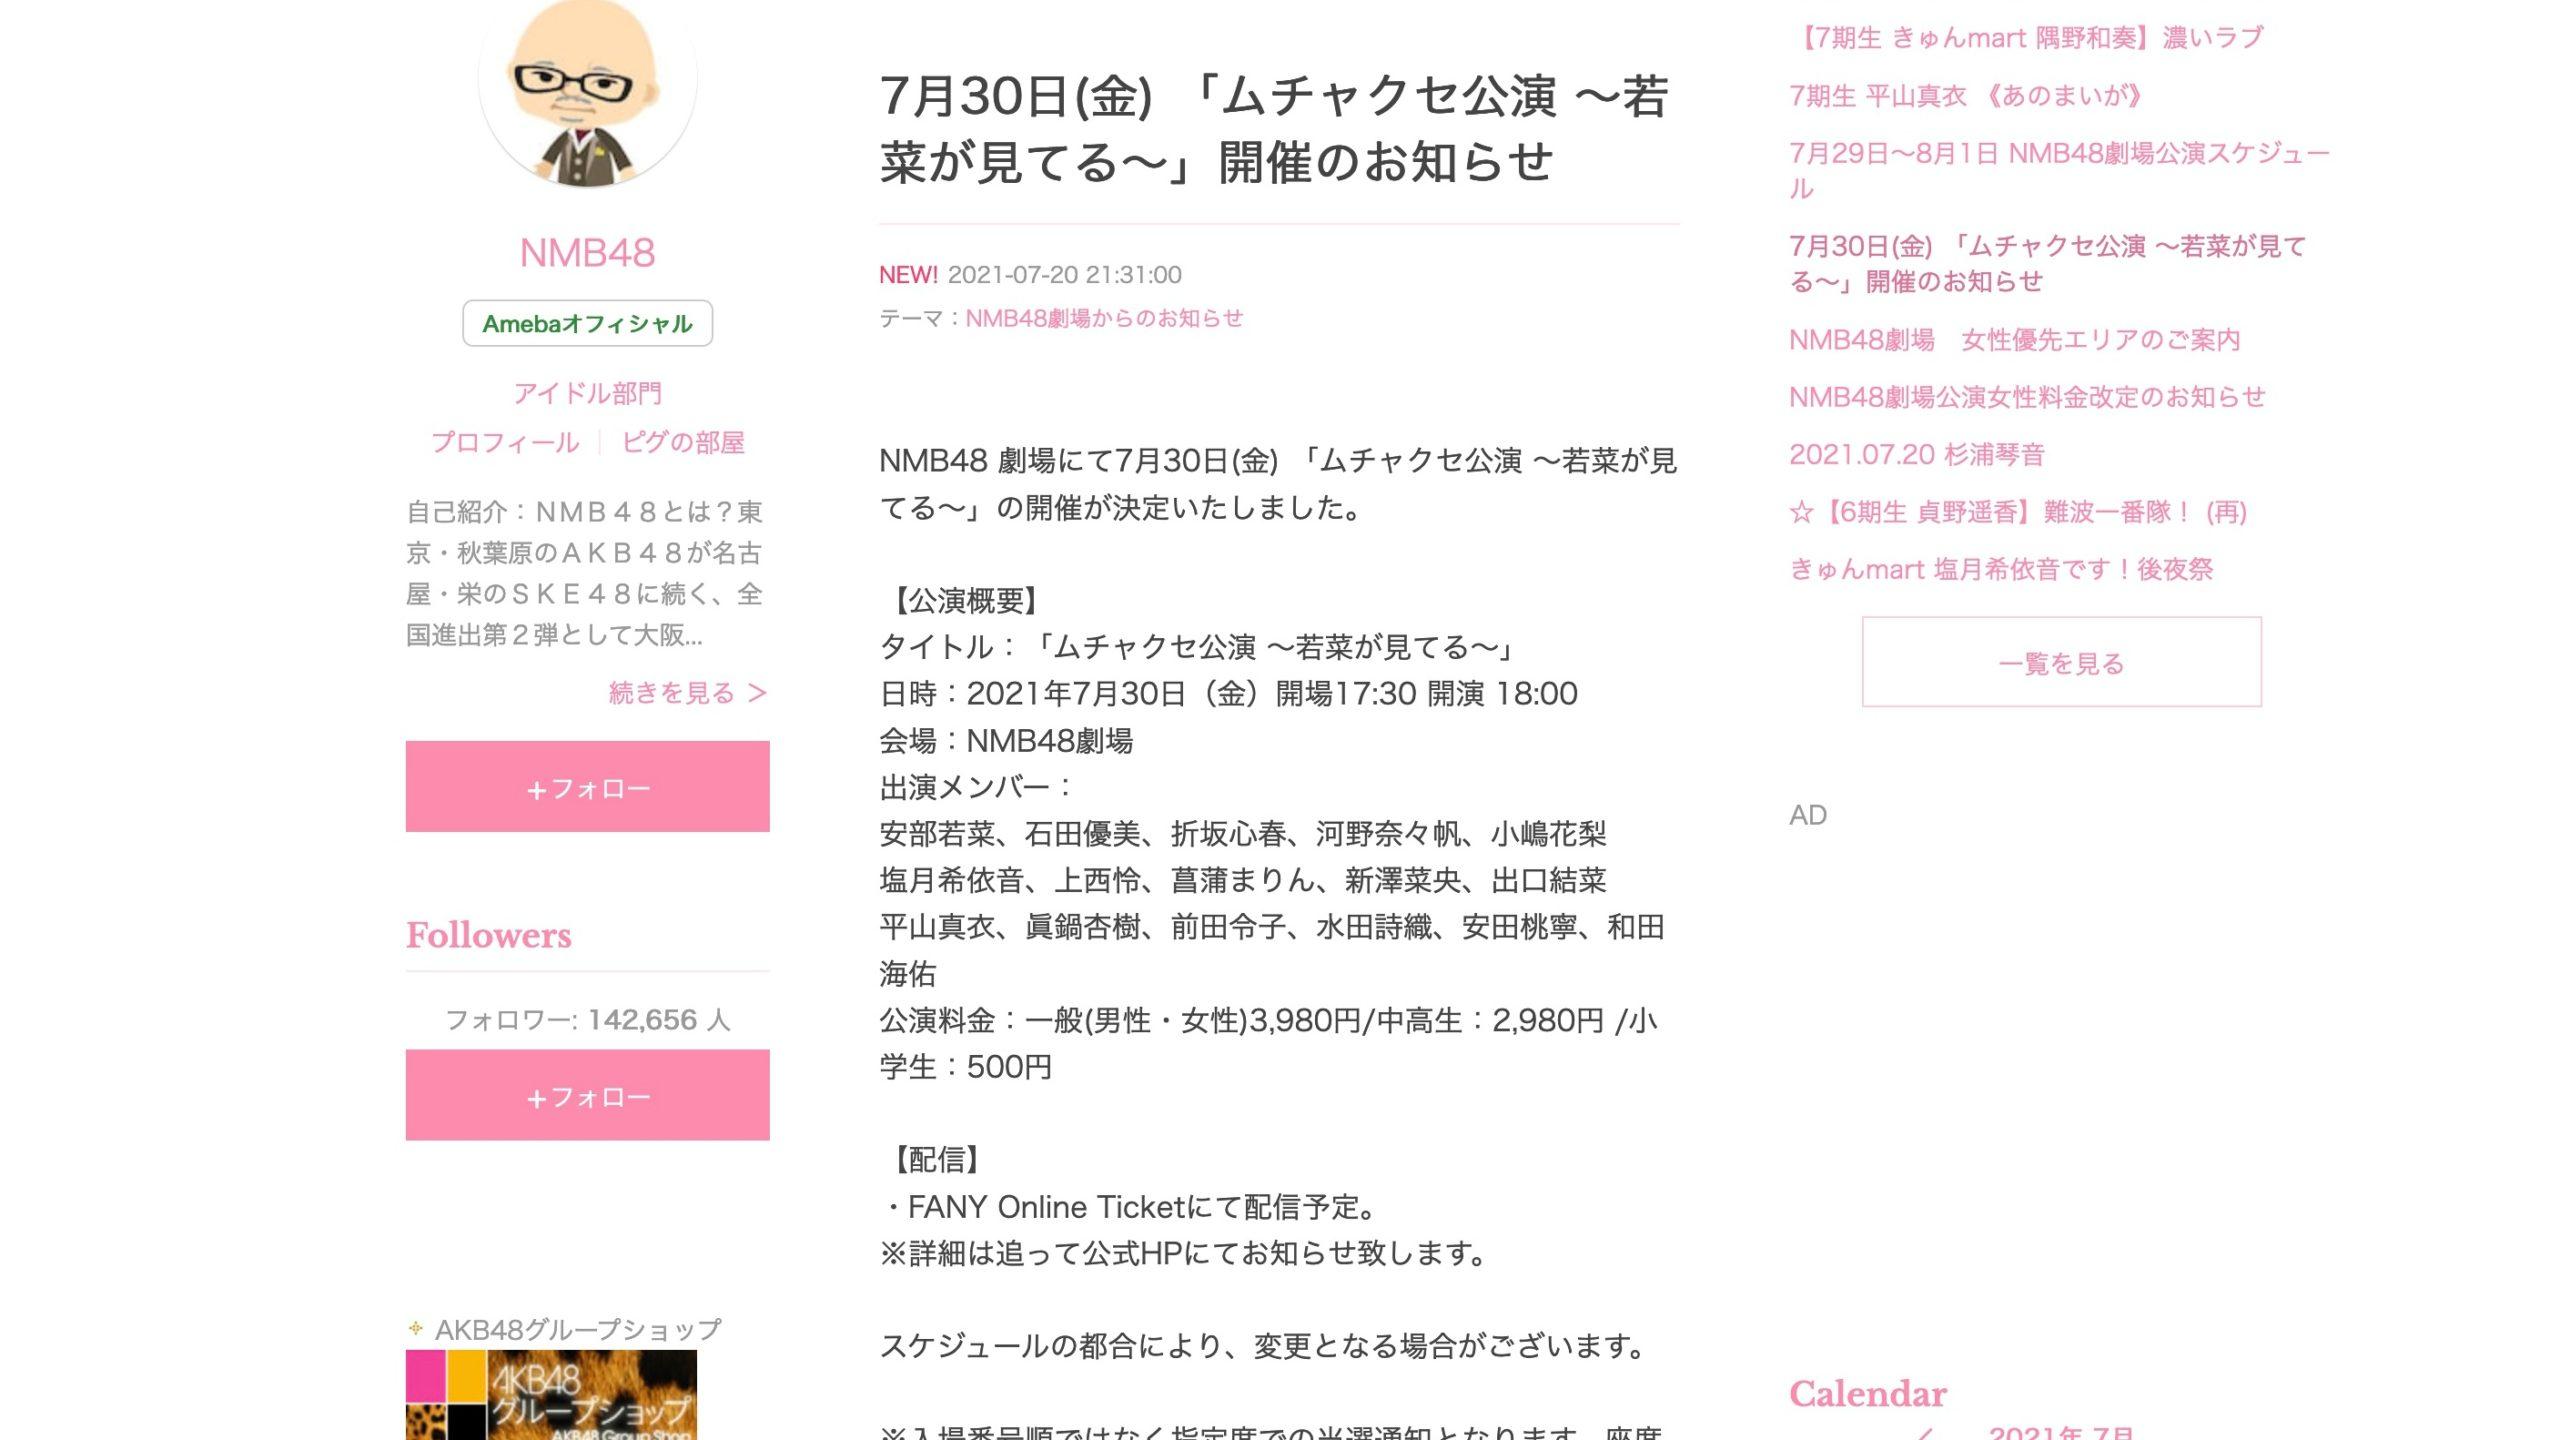 【NMB48】7月30日の「ムチャクセ公演」は~若菜が見てる~